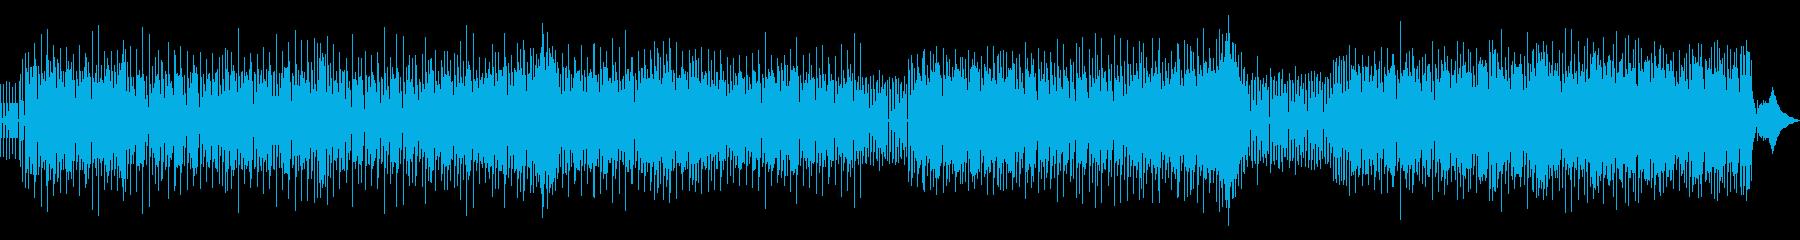 楽しい雰囲気のテクノの再生済みの波形